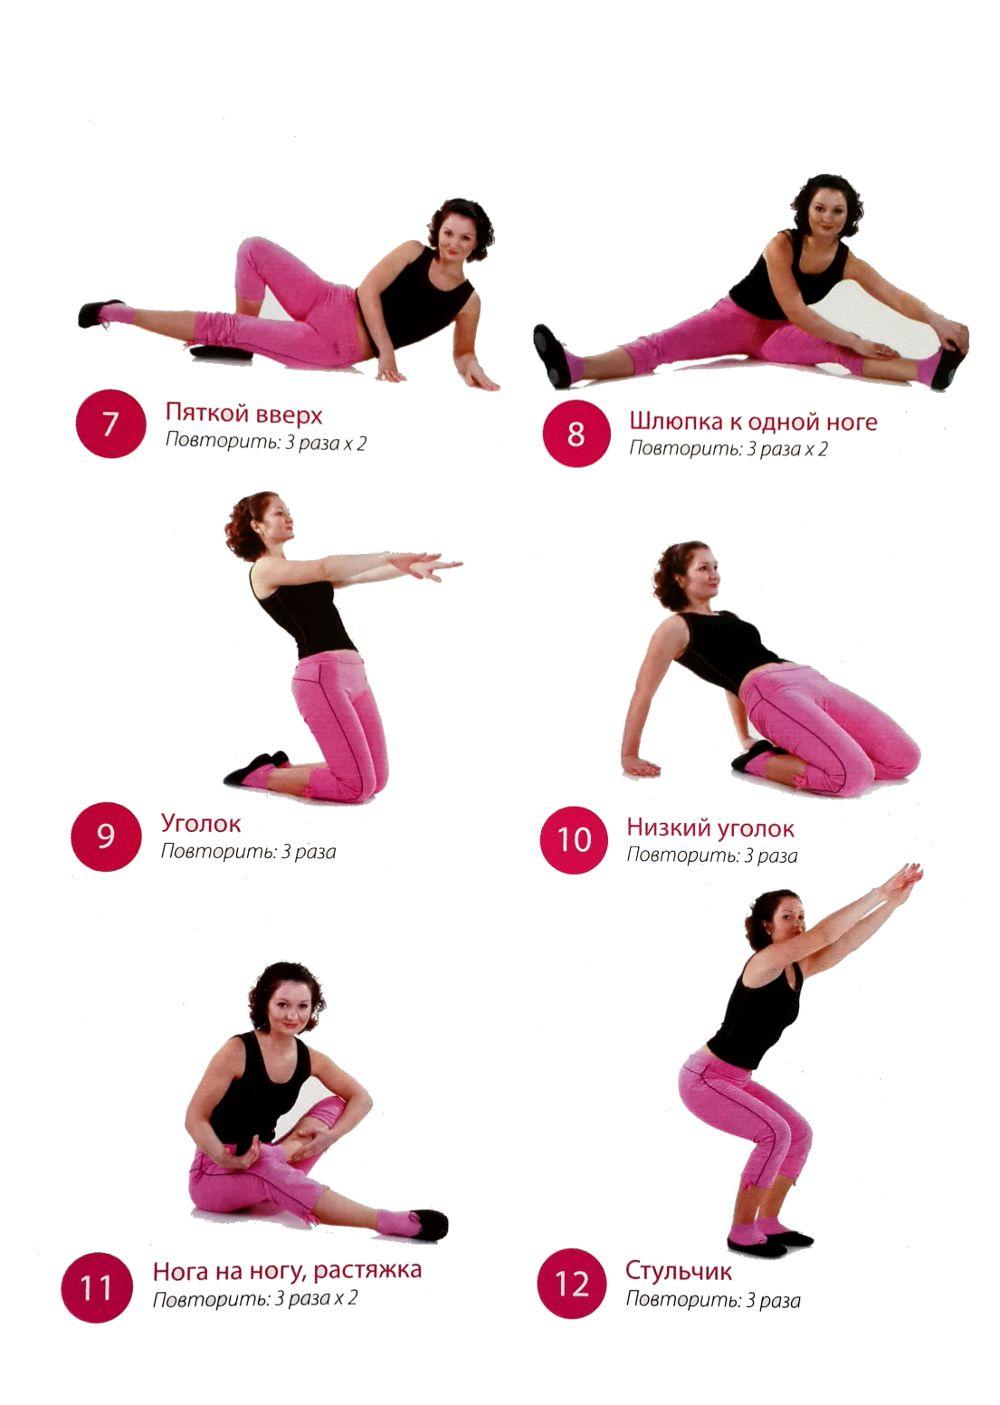 Оксисайз И Похудение Ног. Гимнастика оксисайз: простой комплекс упражнений для похудения